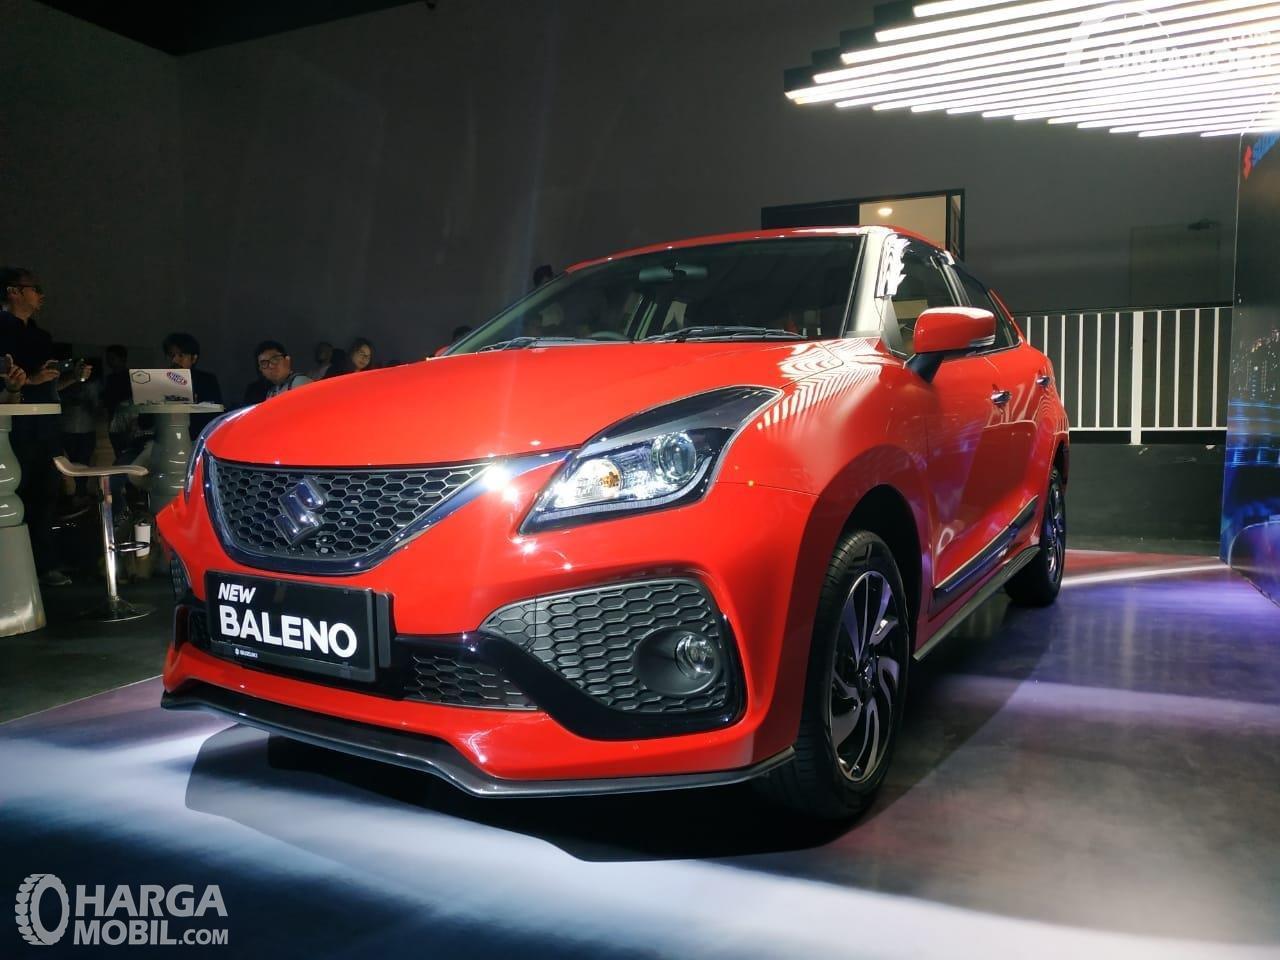 Foto menunjukkan Suzuki New Baleno Hatchback 2019 tampak dari depan